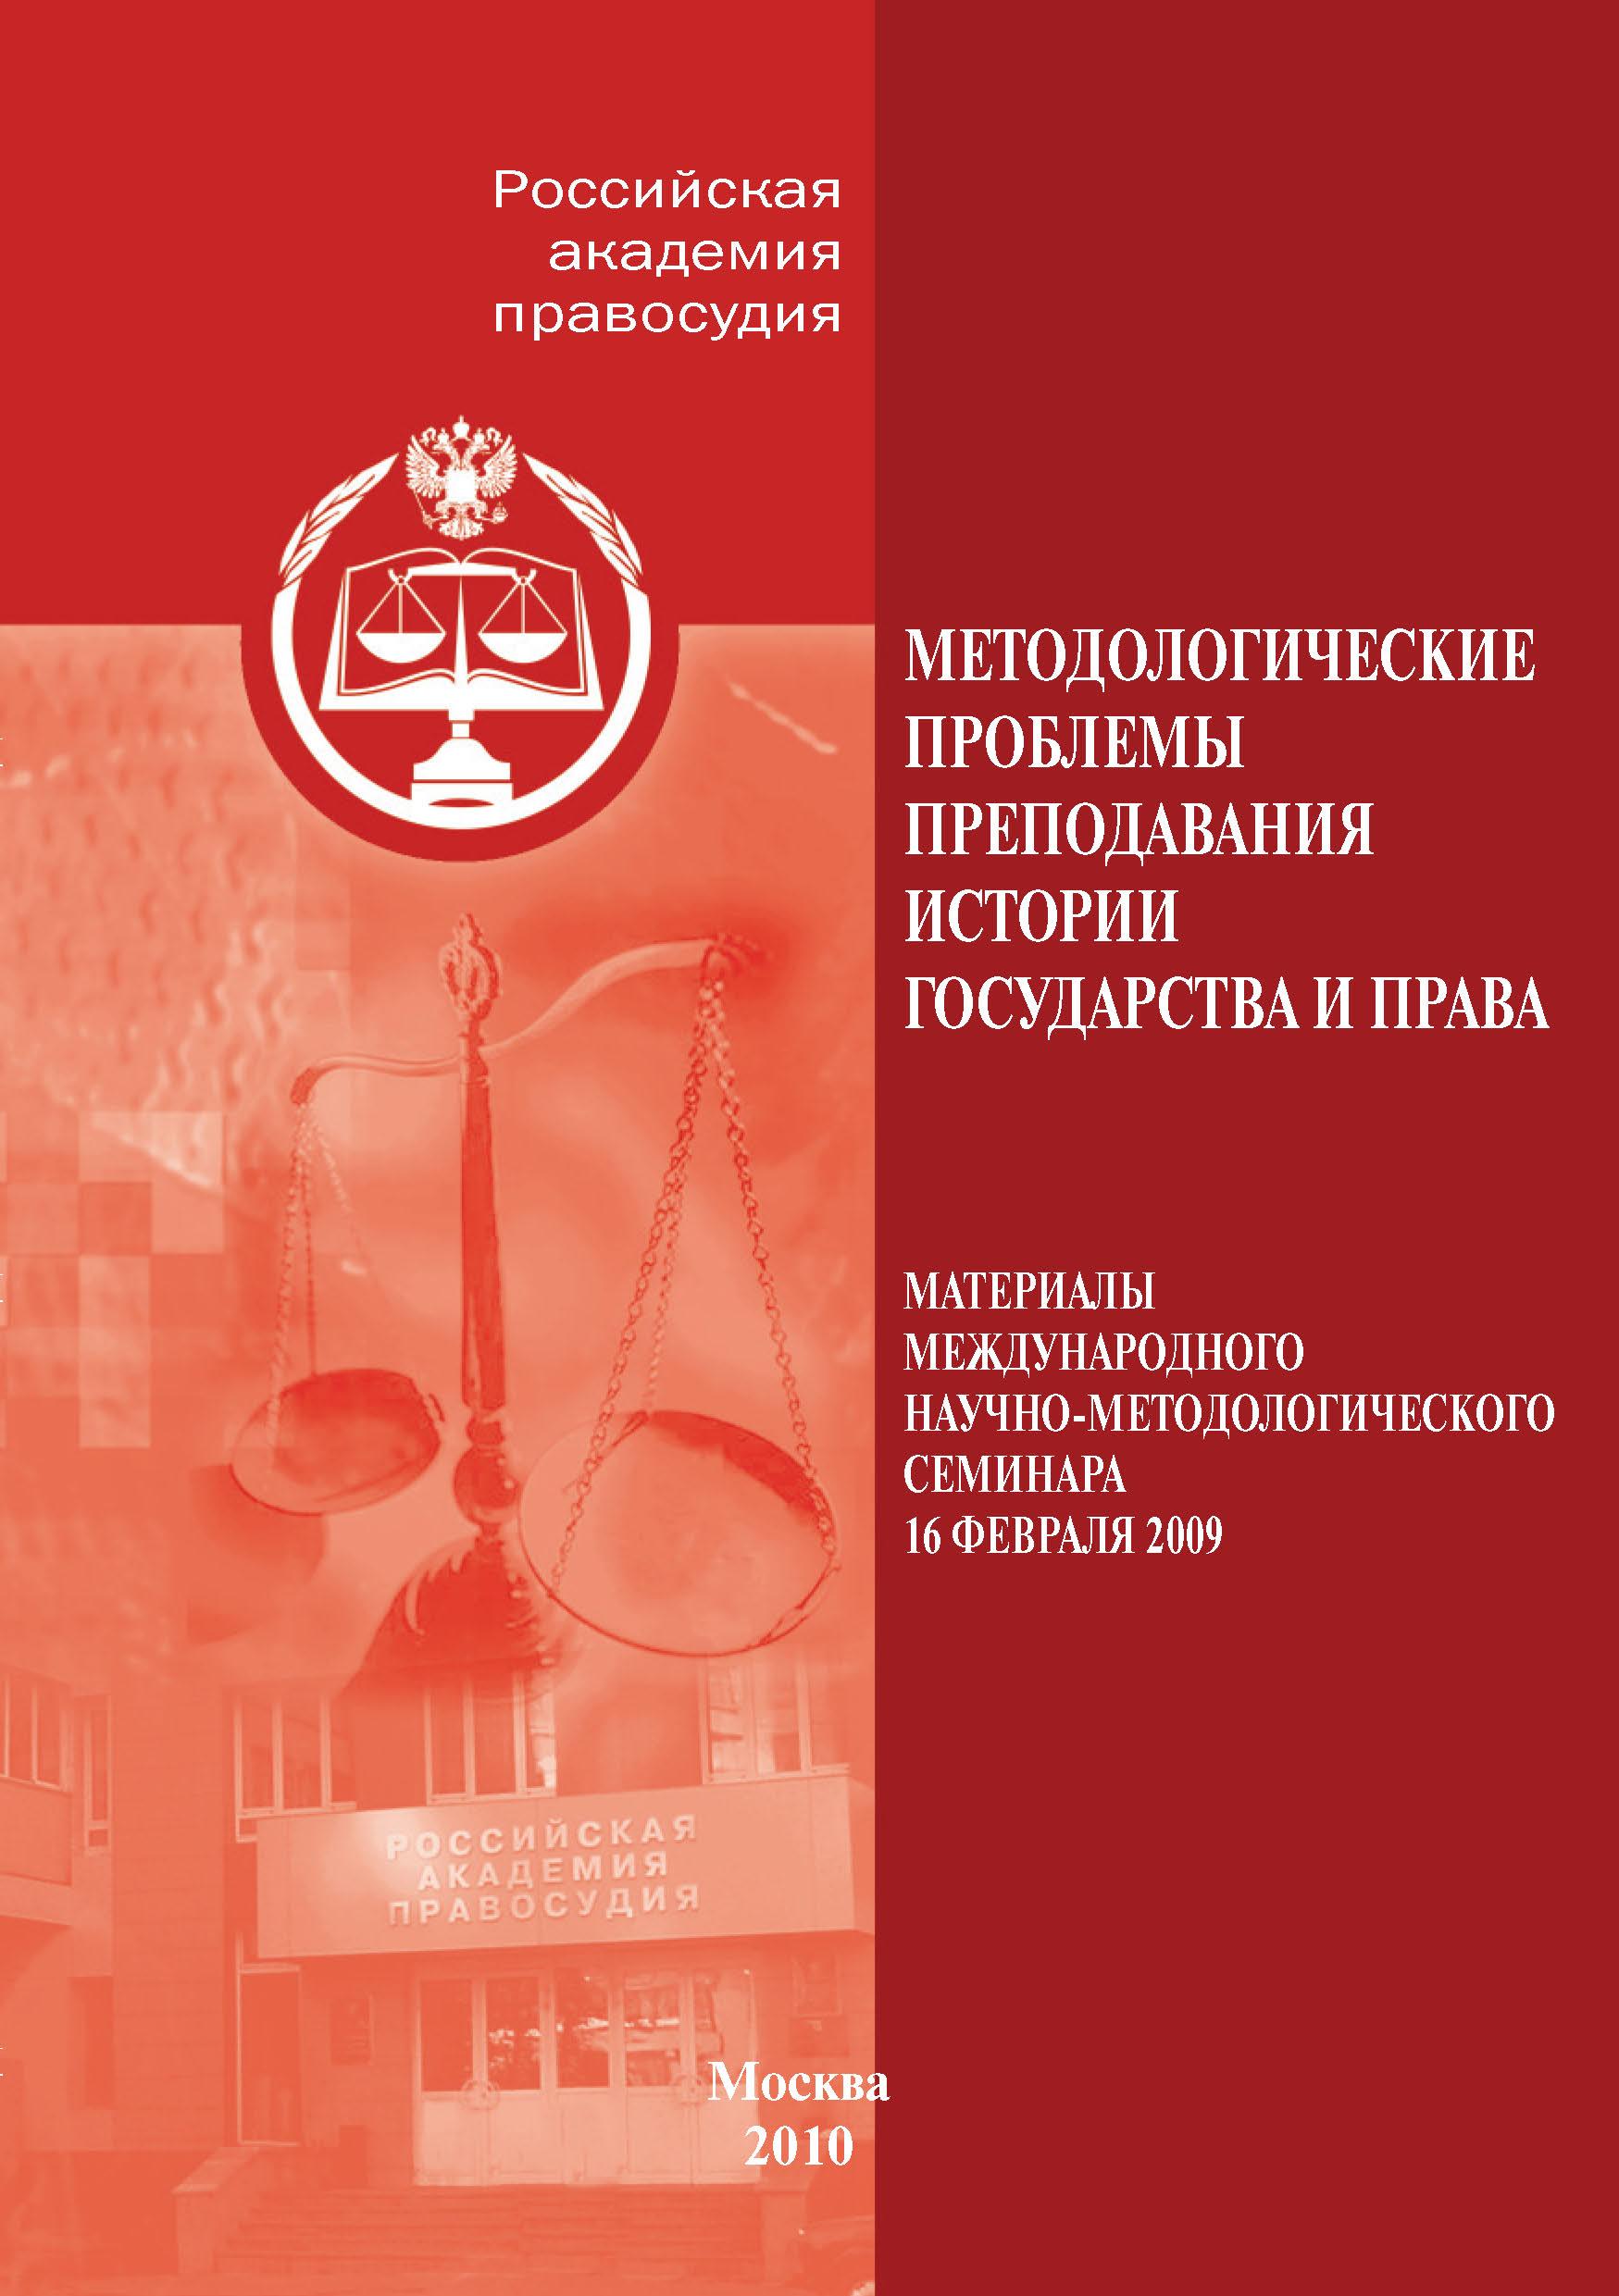 Сборник статей Методологические проблемы преподавания истории государства и права сборник статей vox juris глас права